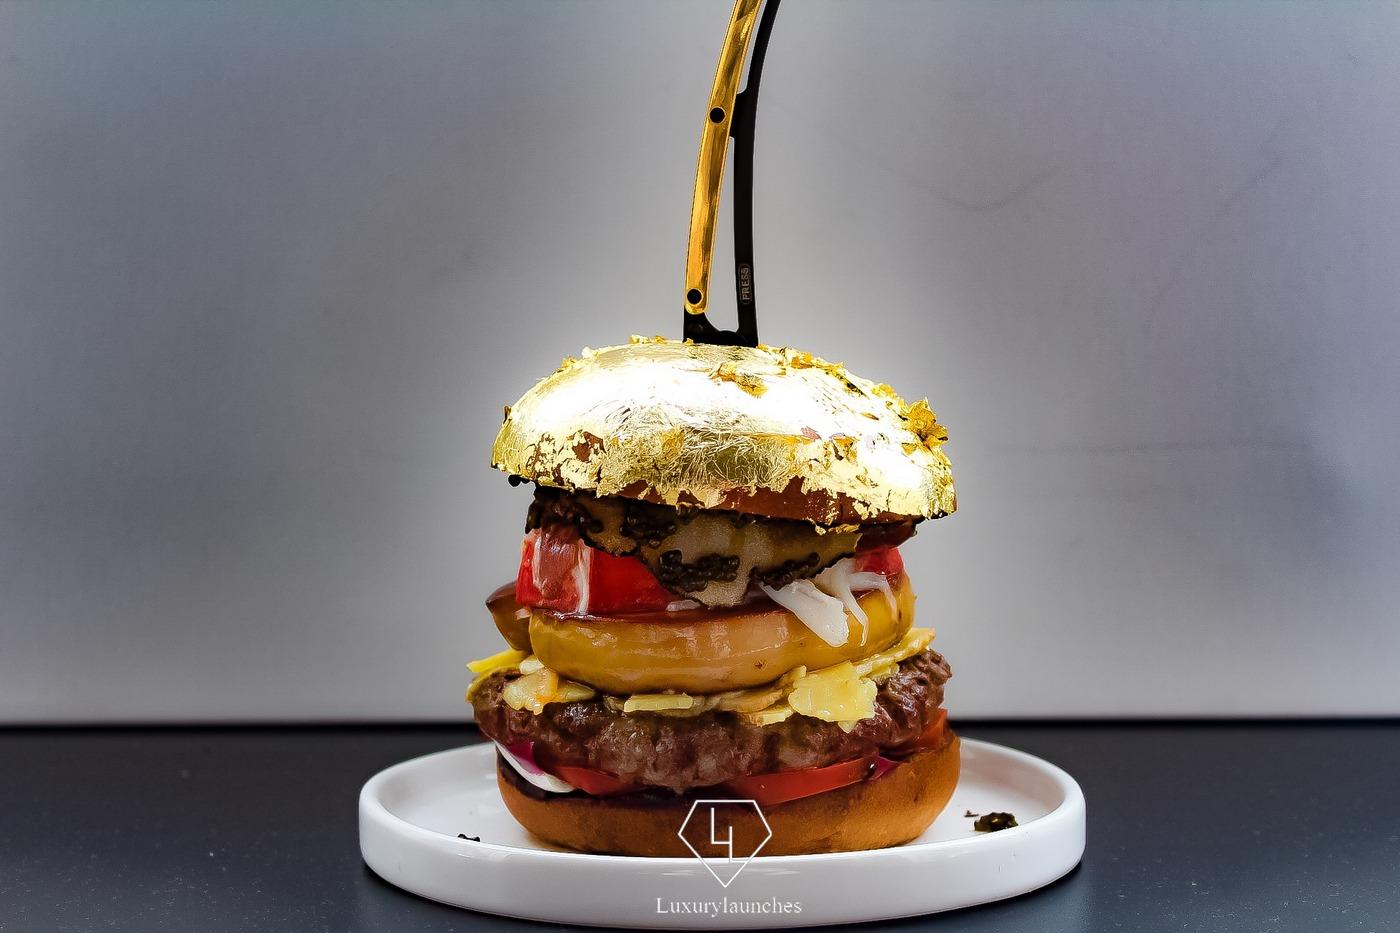 Le burger le plus cher au monde est recouvert d'OR…